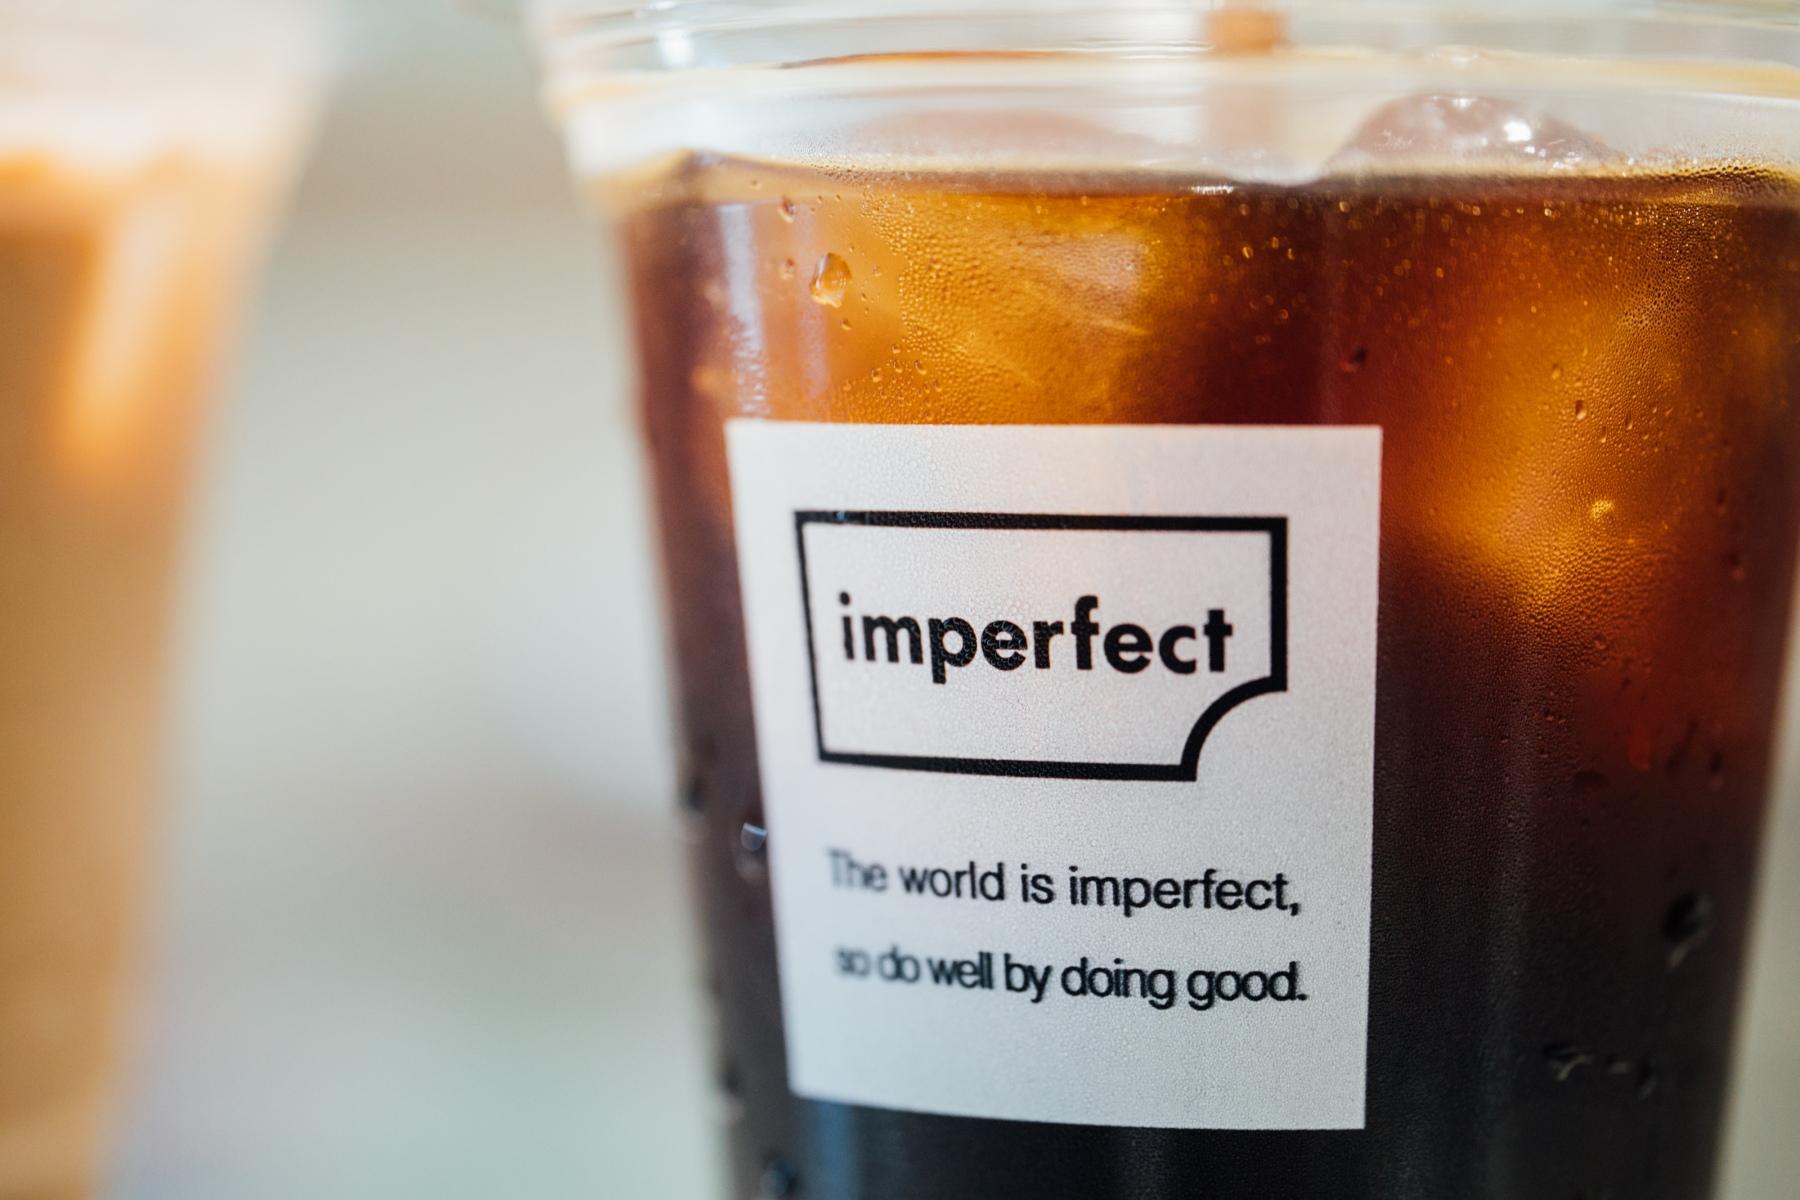 世界を平等に捉え、社会のいい循環を作っていく「imperfect」